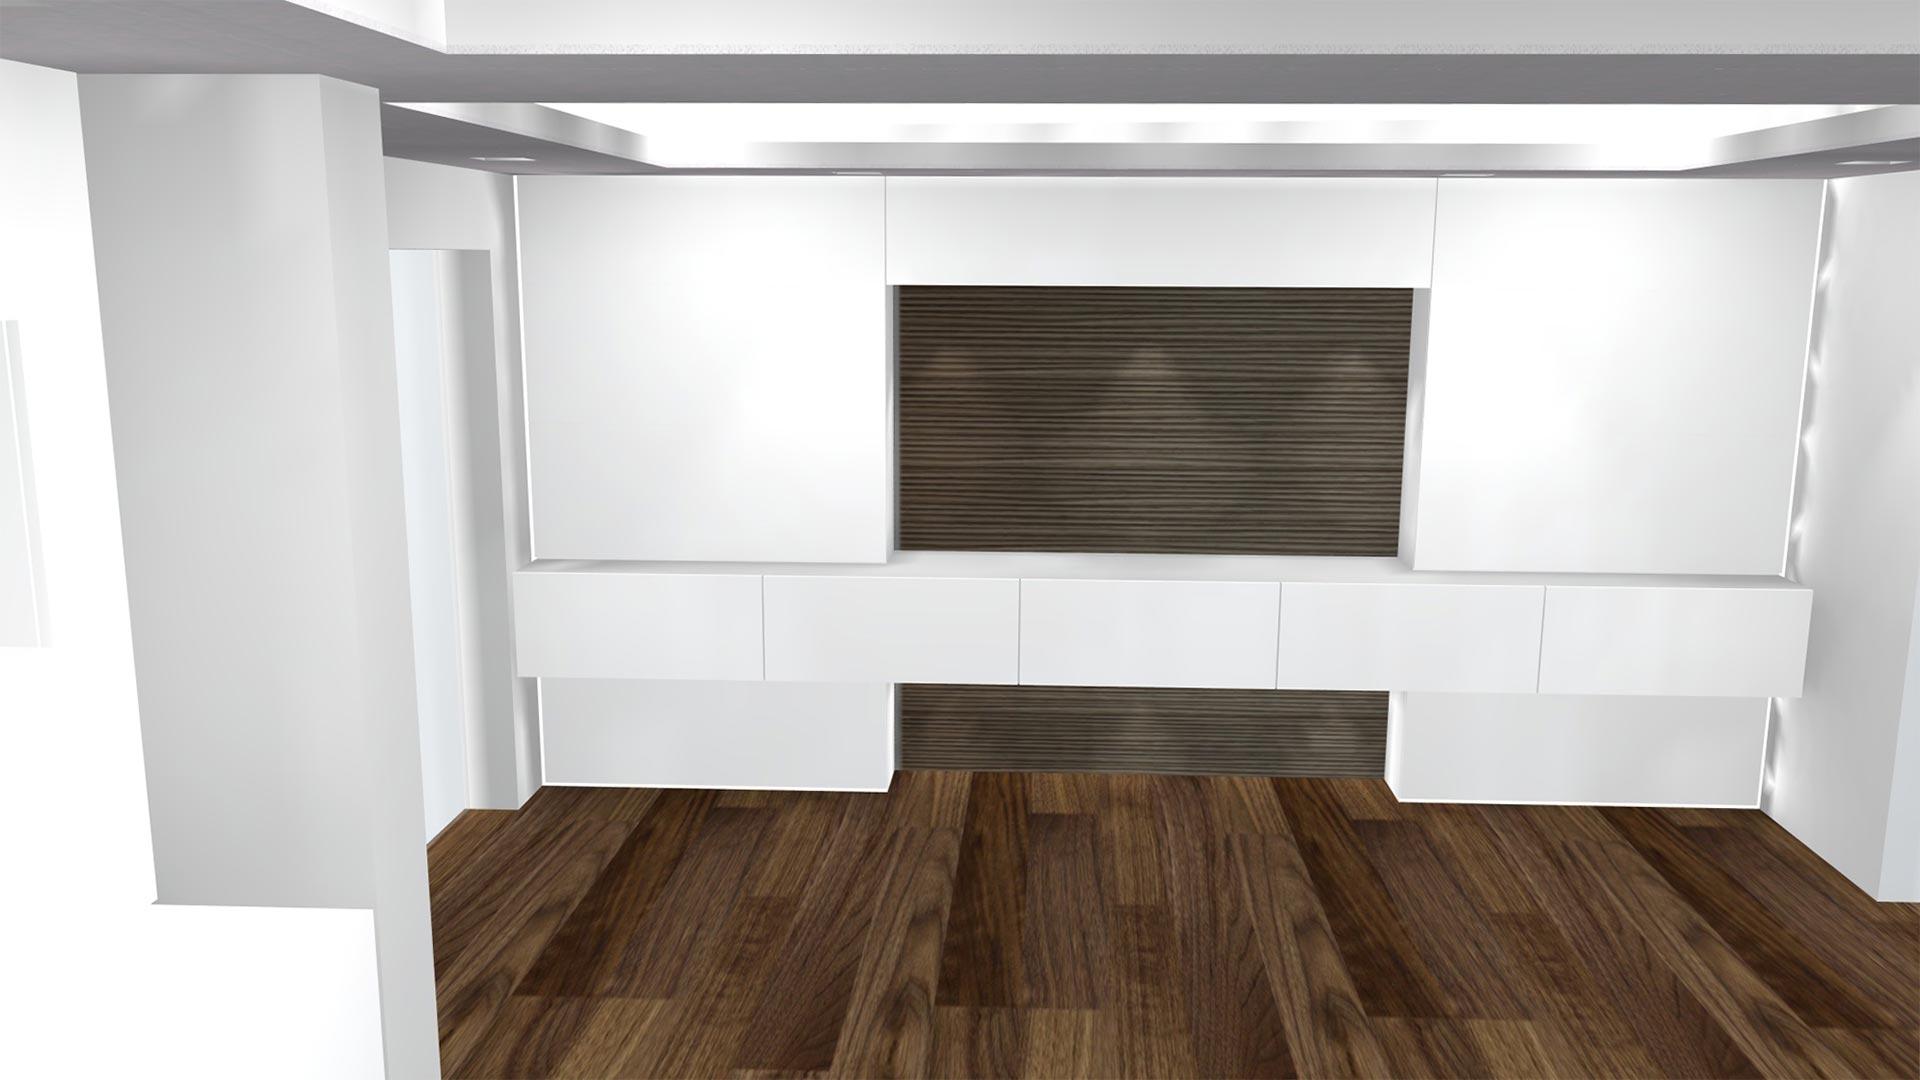 Dank 3D-Visualisierung können wir im Vorfeld die Positionierung der Leuchtmittel simulieren, um so eine optimale Ausleuchtung des Raums zu erreichen.